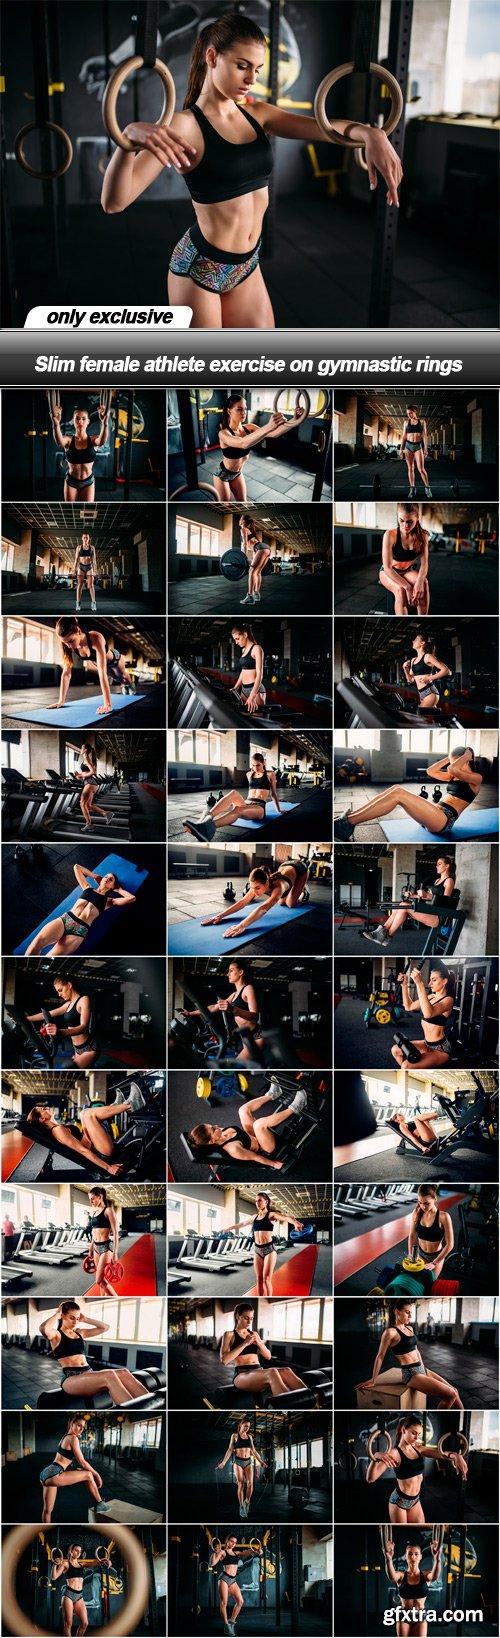 Slim female athlete exercise on gymnastic rings - 32 UHQ JPEG